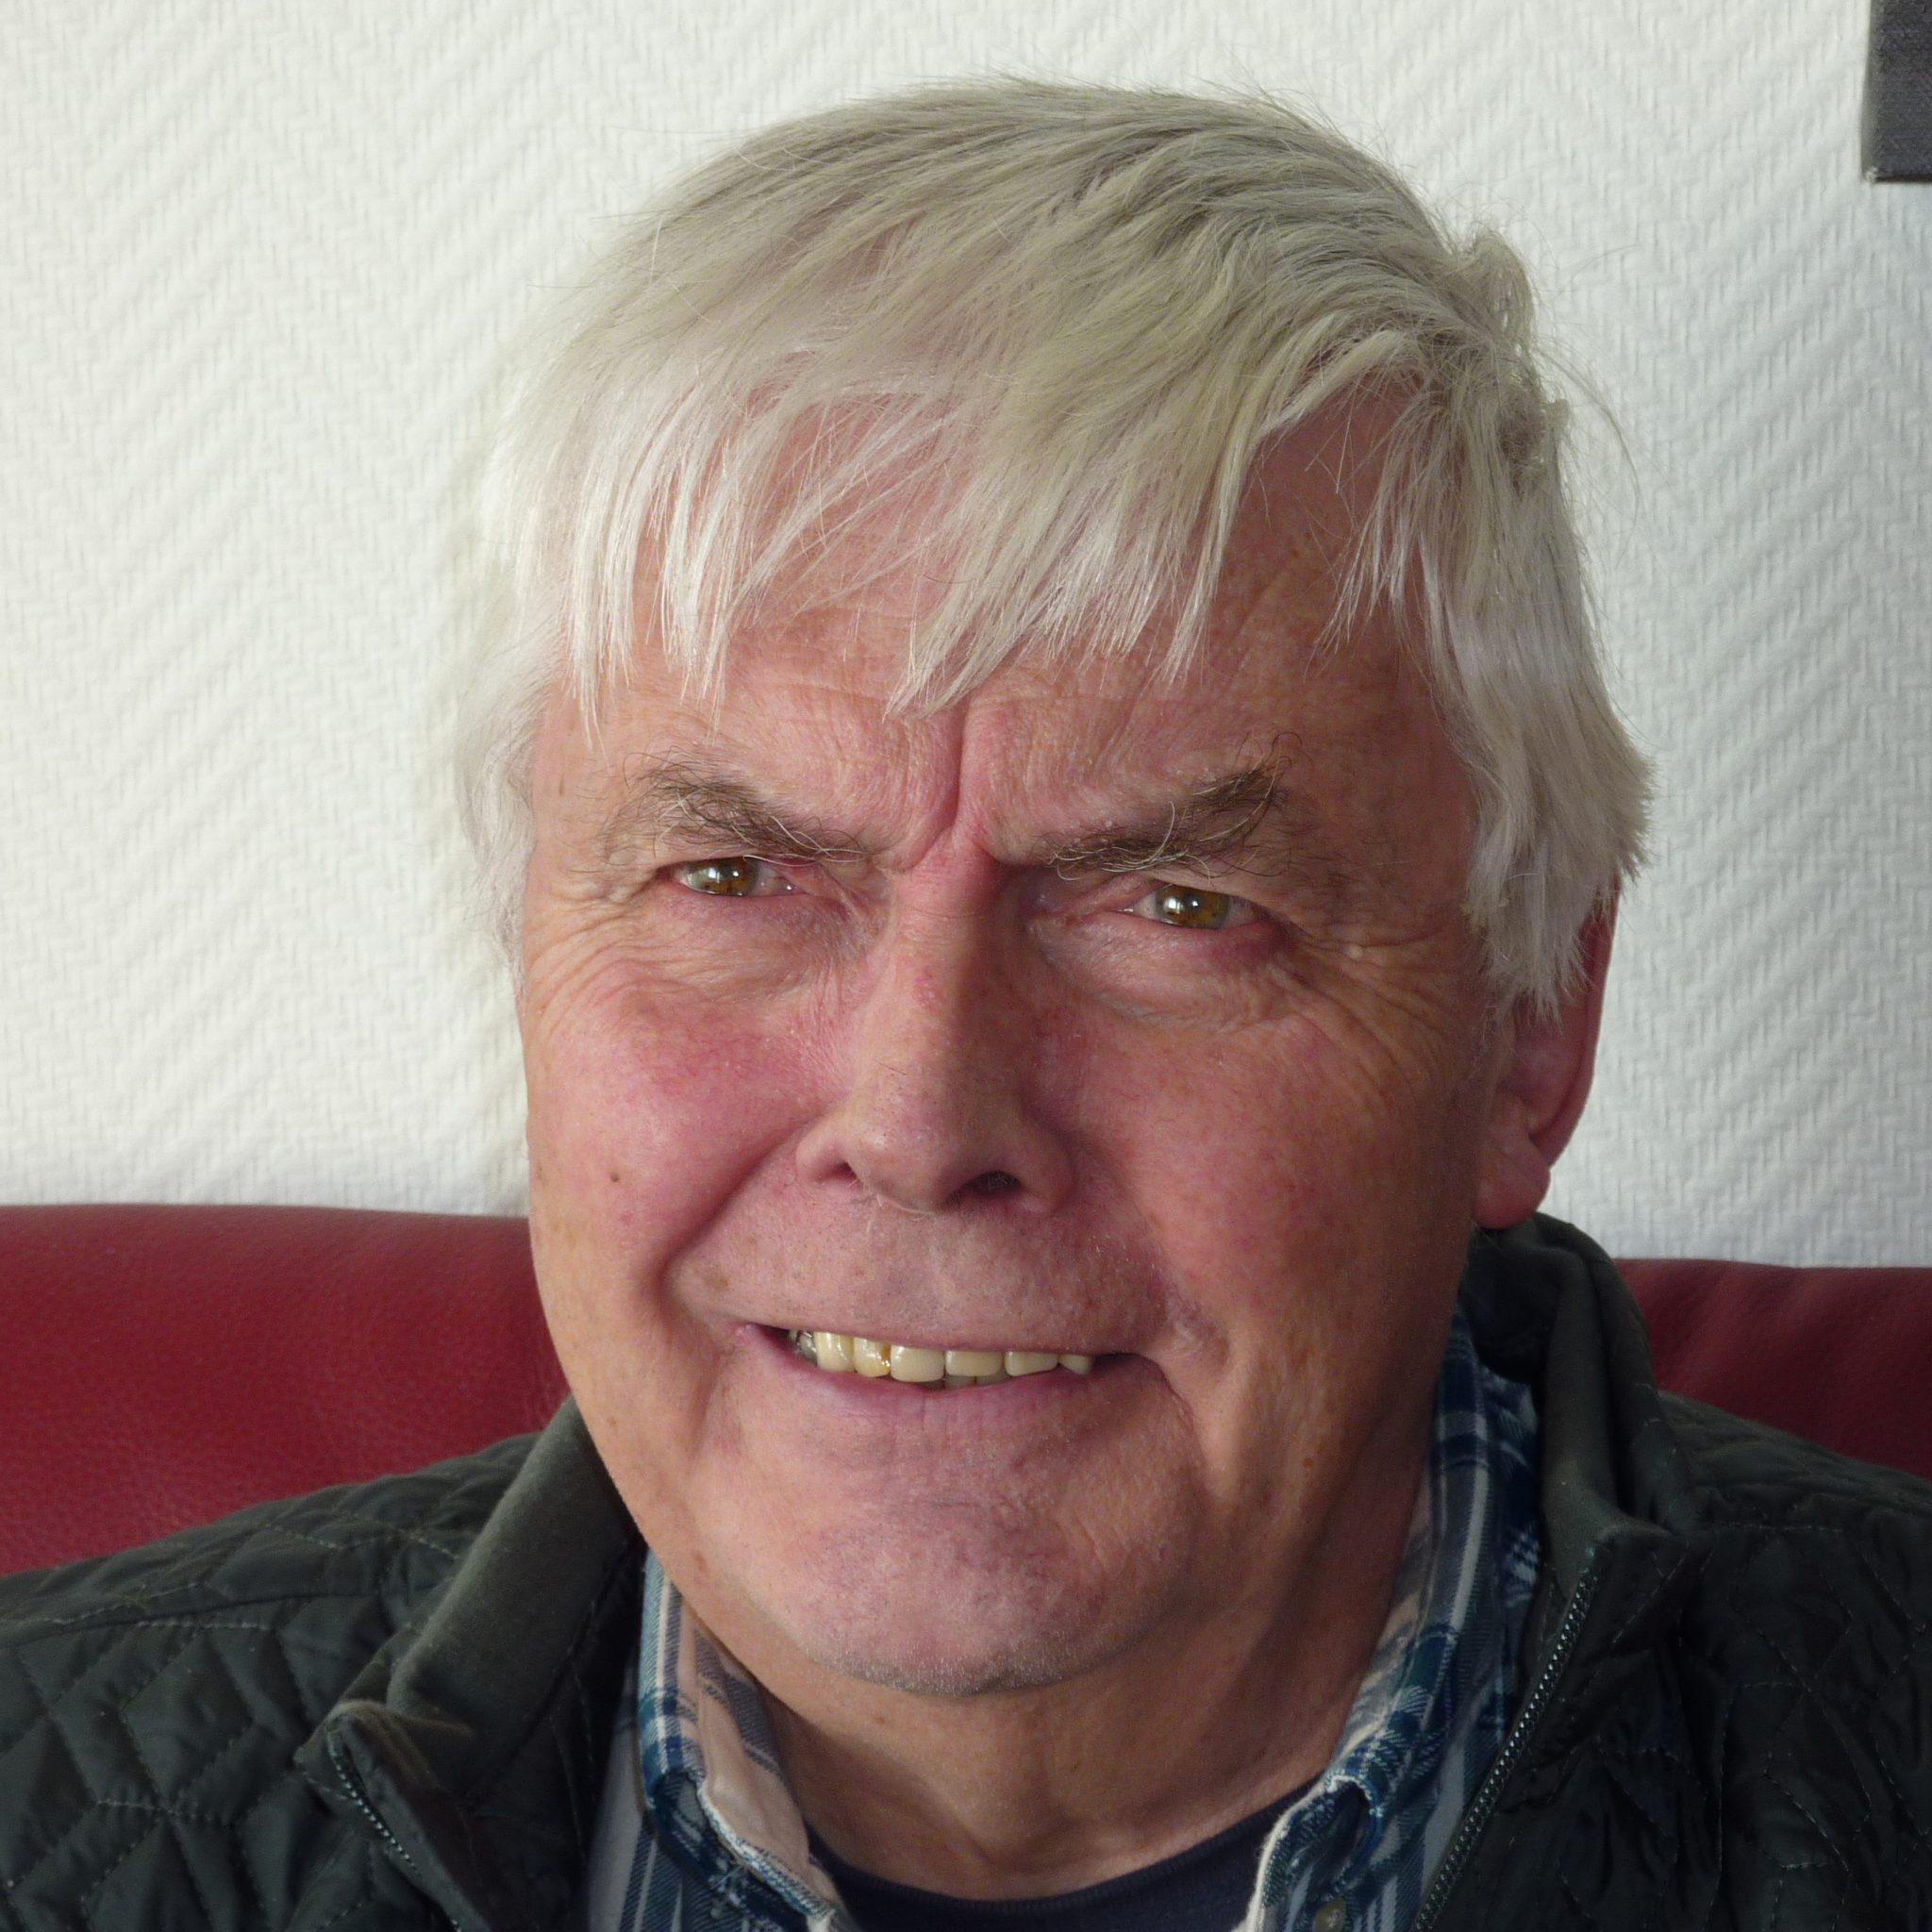 Klaas Kattouw, BLN-Schuttevaer